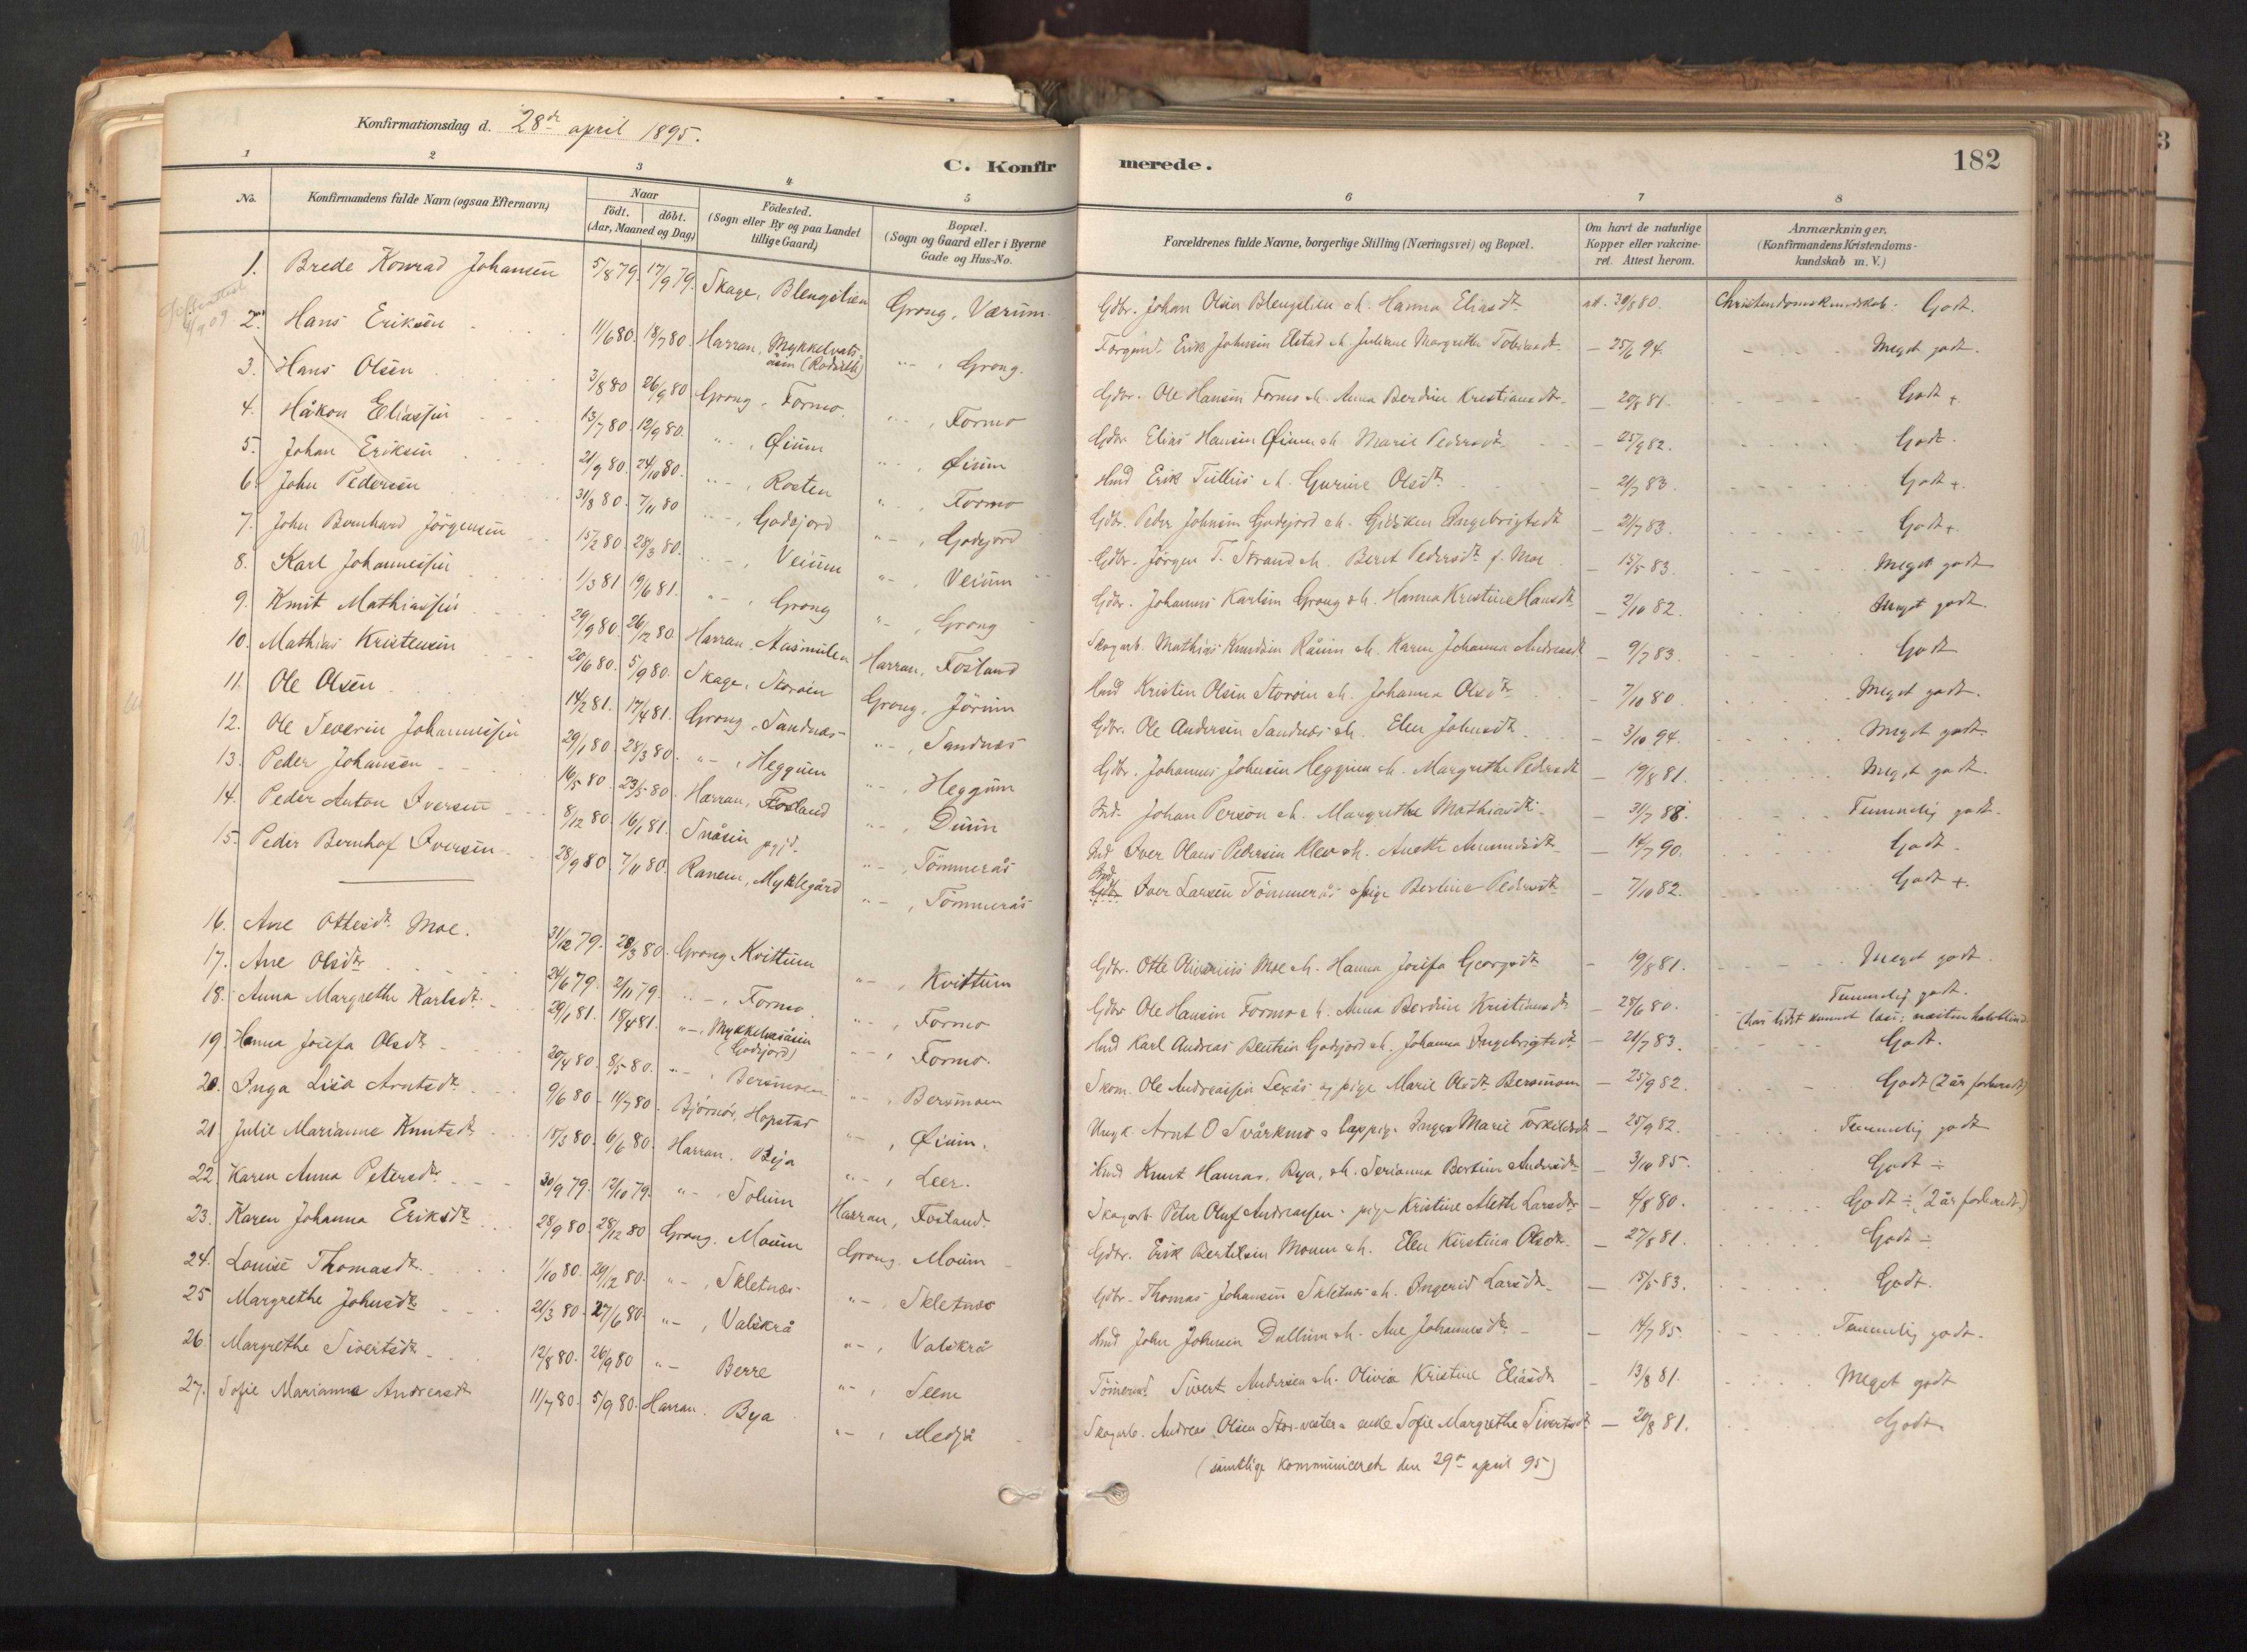 SAT, Ministerialprotokoller, klokkerbøker og fødselsregistre - Nord-Trøndelag, 758/L0519: Ministerialbok nr. 758A04, 1880-1926, s. 182